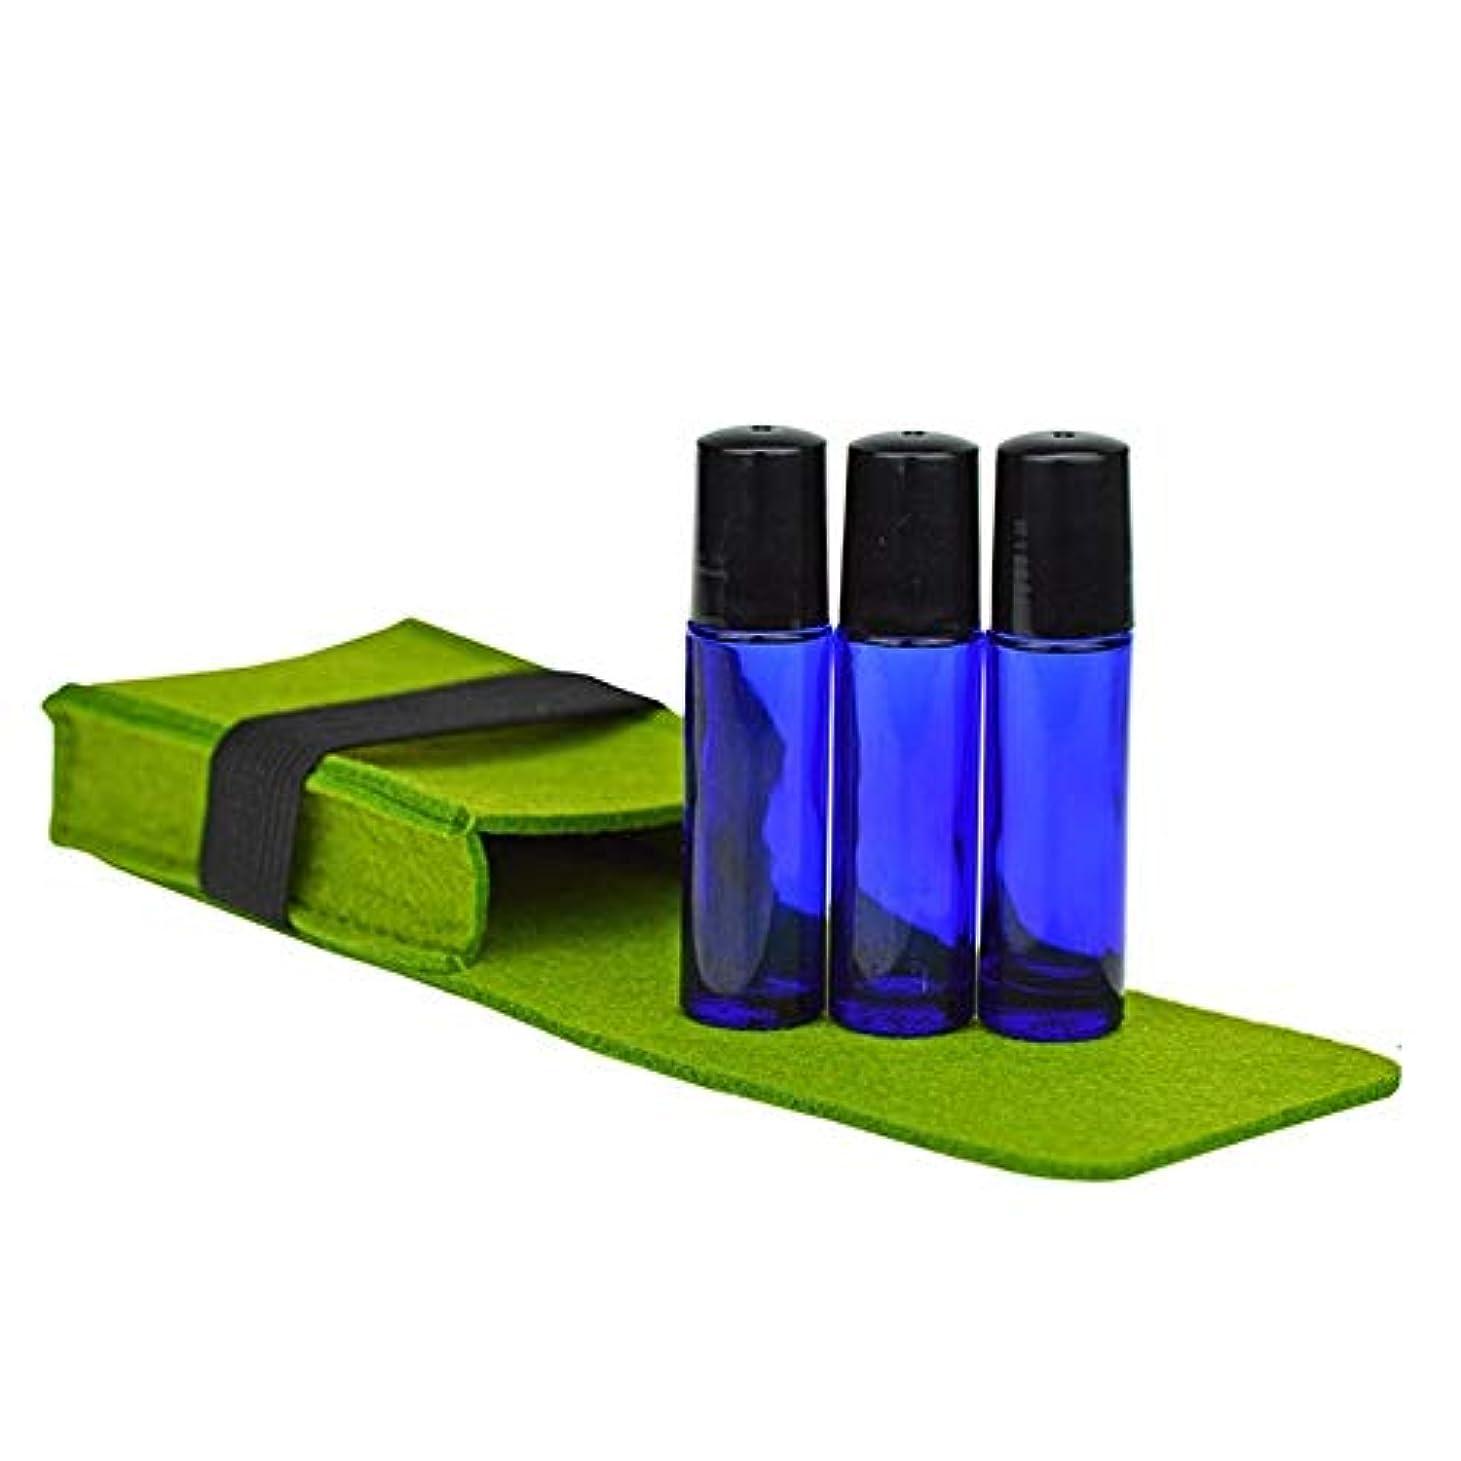 美人運河できる精油ケース 10ML油のボトルエッセンシャルオイルトラベルオーガナイザーポーチバッグは、収納袋3色のフェルトエッセンシャルオイルキャリングケース 携帯便利 (色 : 緑, サイズ : 10X6.5X2.5CM)